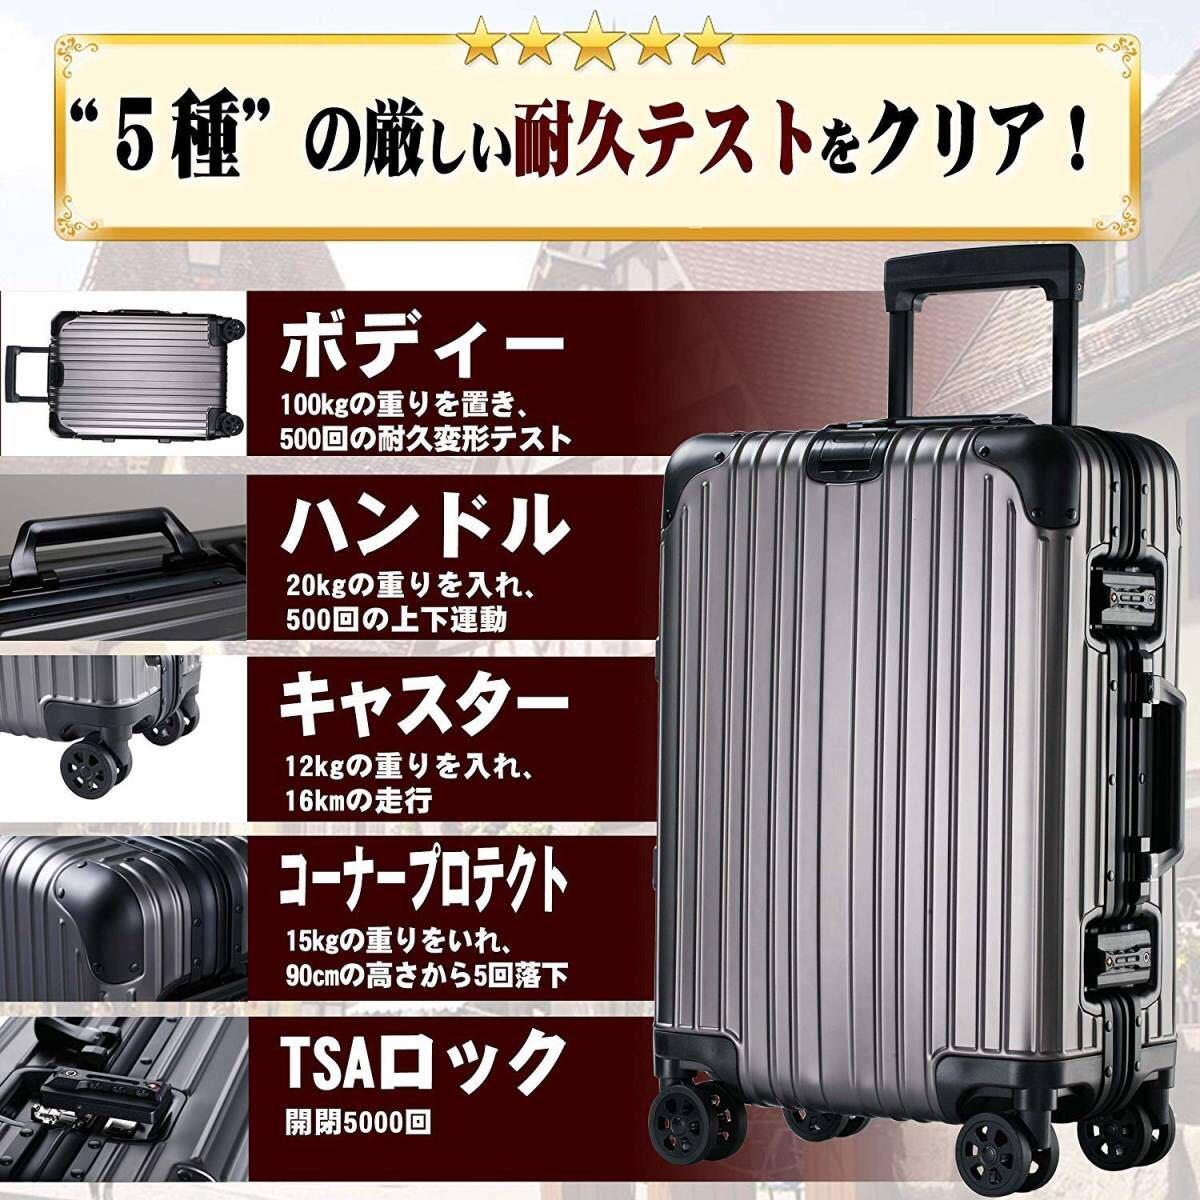 スーツケース アルミマグネシウム合金 キャリーバッグ 360度回転 静音キャスター TSAロック フレームタイプ 保護カバー付 軽量 新品未使用_画像4